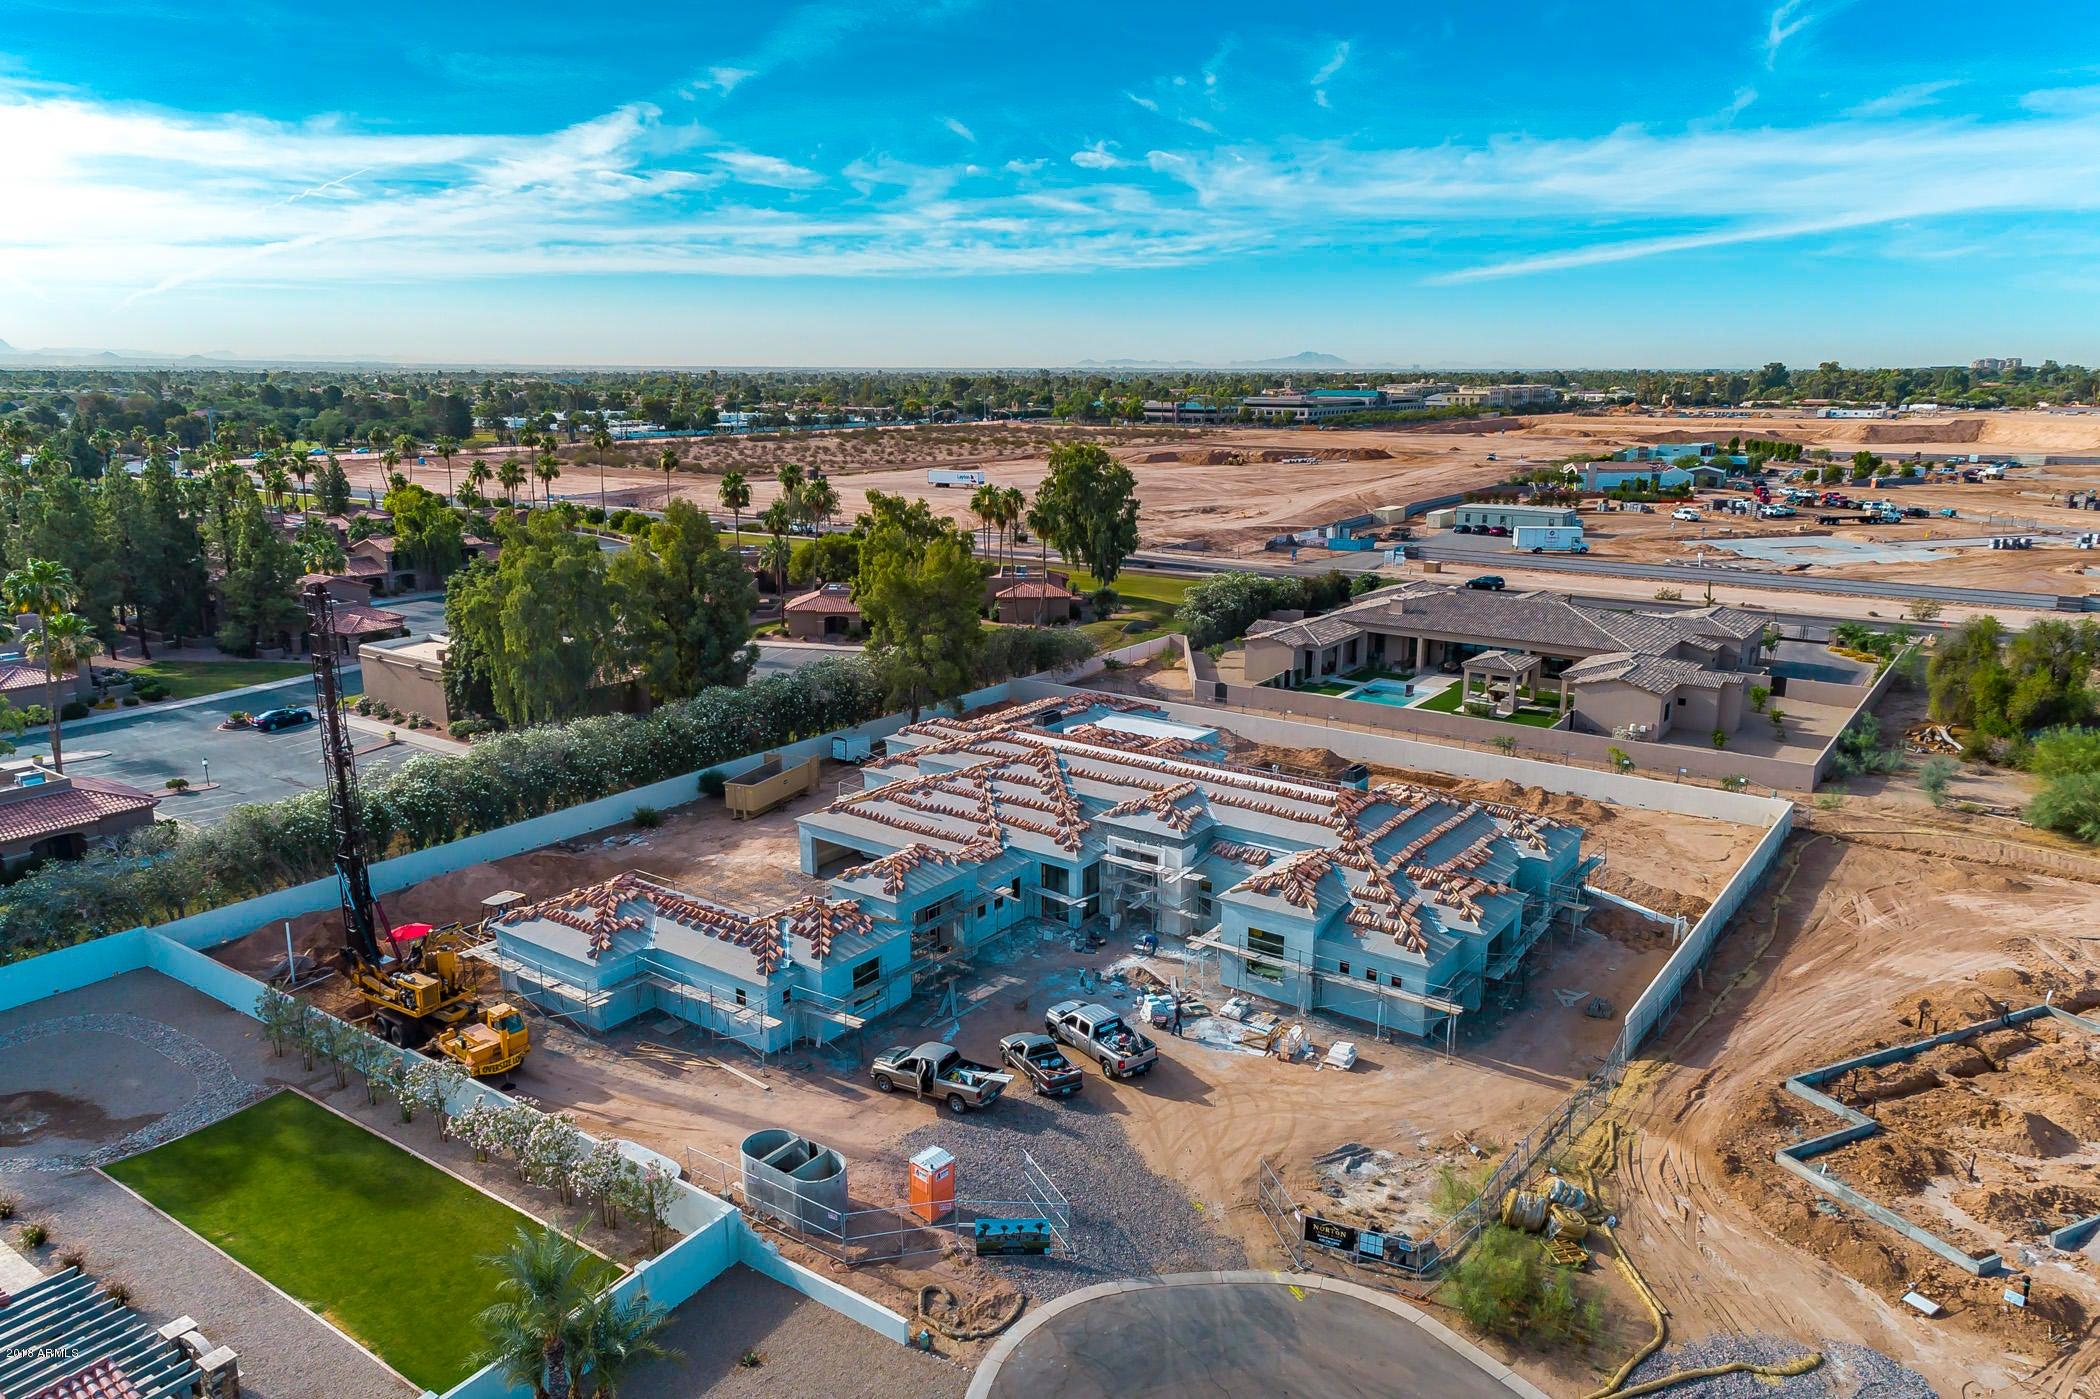 MLS 5778069 7035 N 69TH Place, Paradise Valley, AZ 85253 Paradise Valley AZ Newly Built